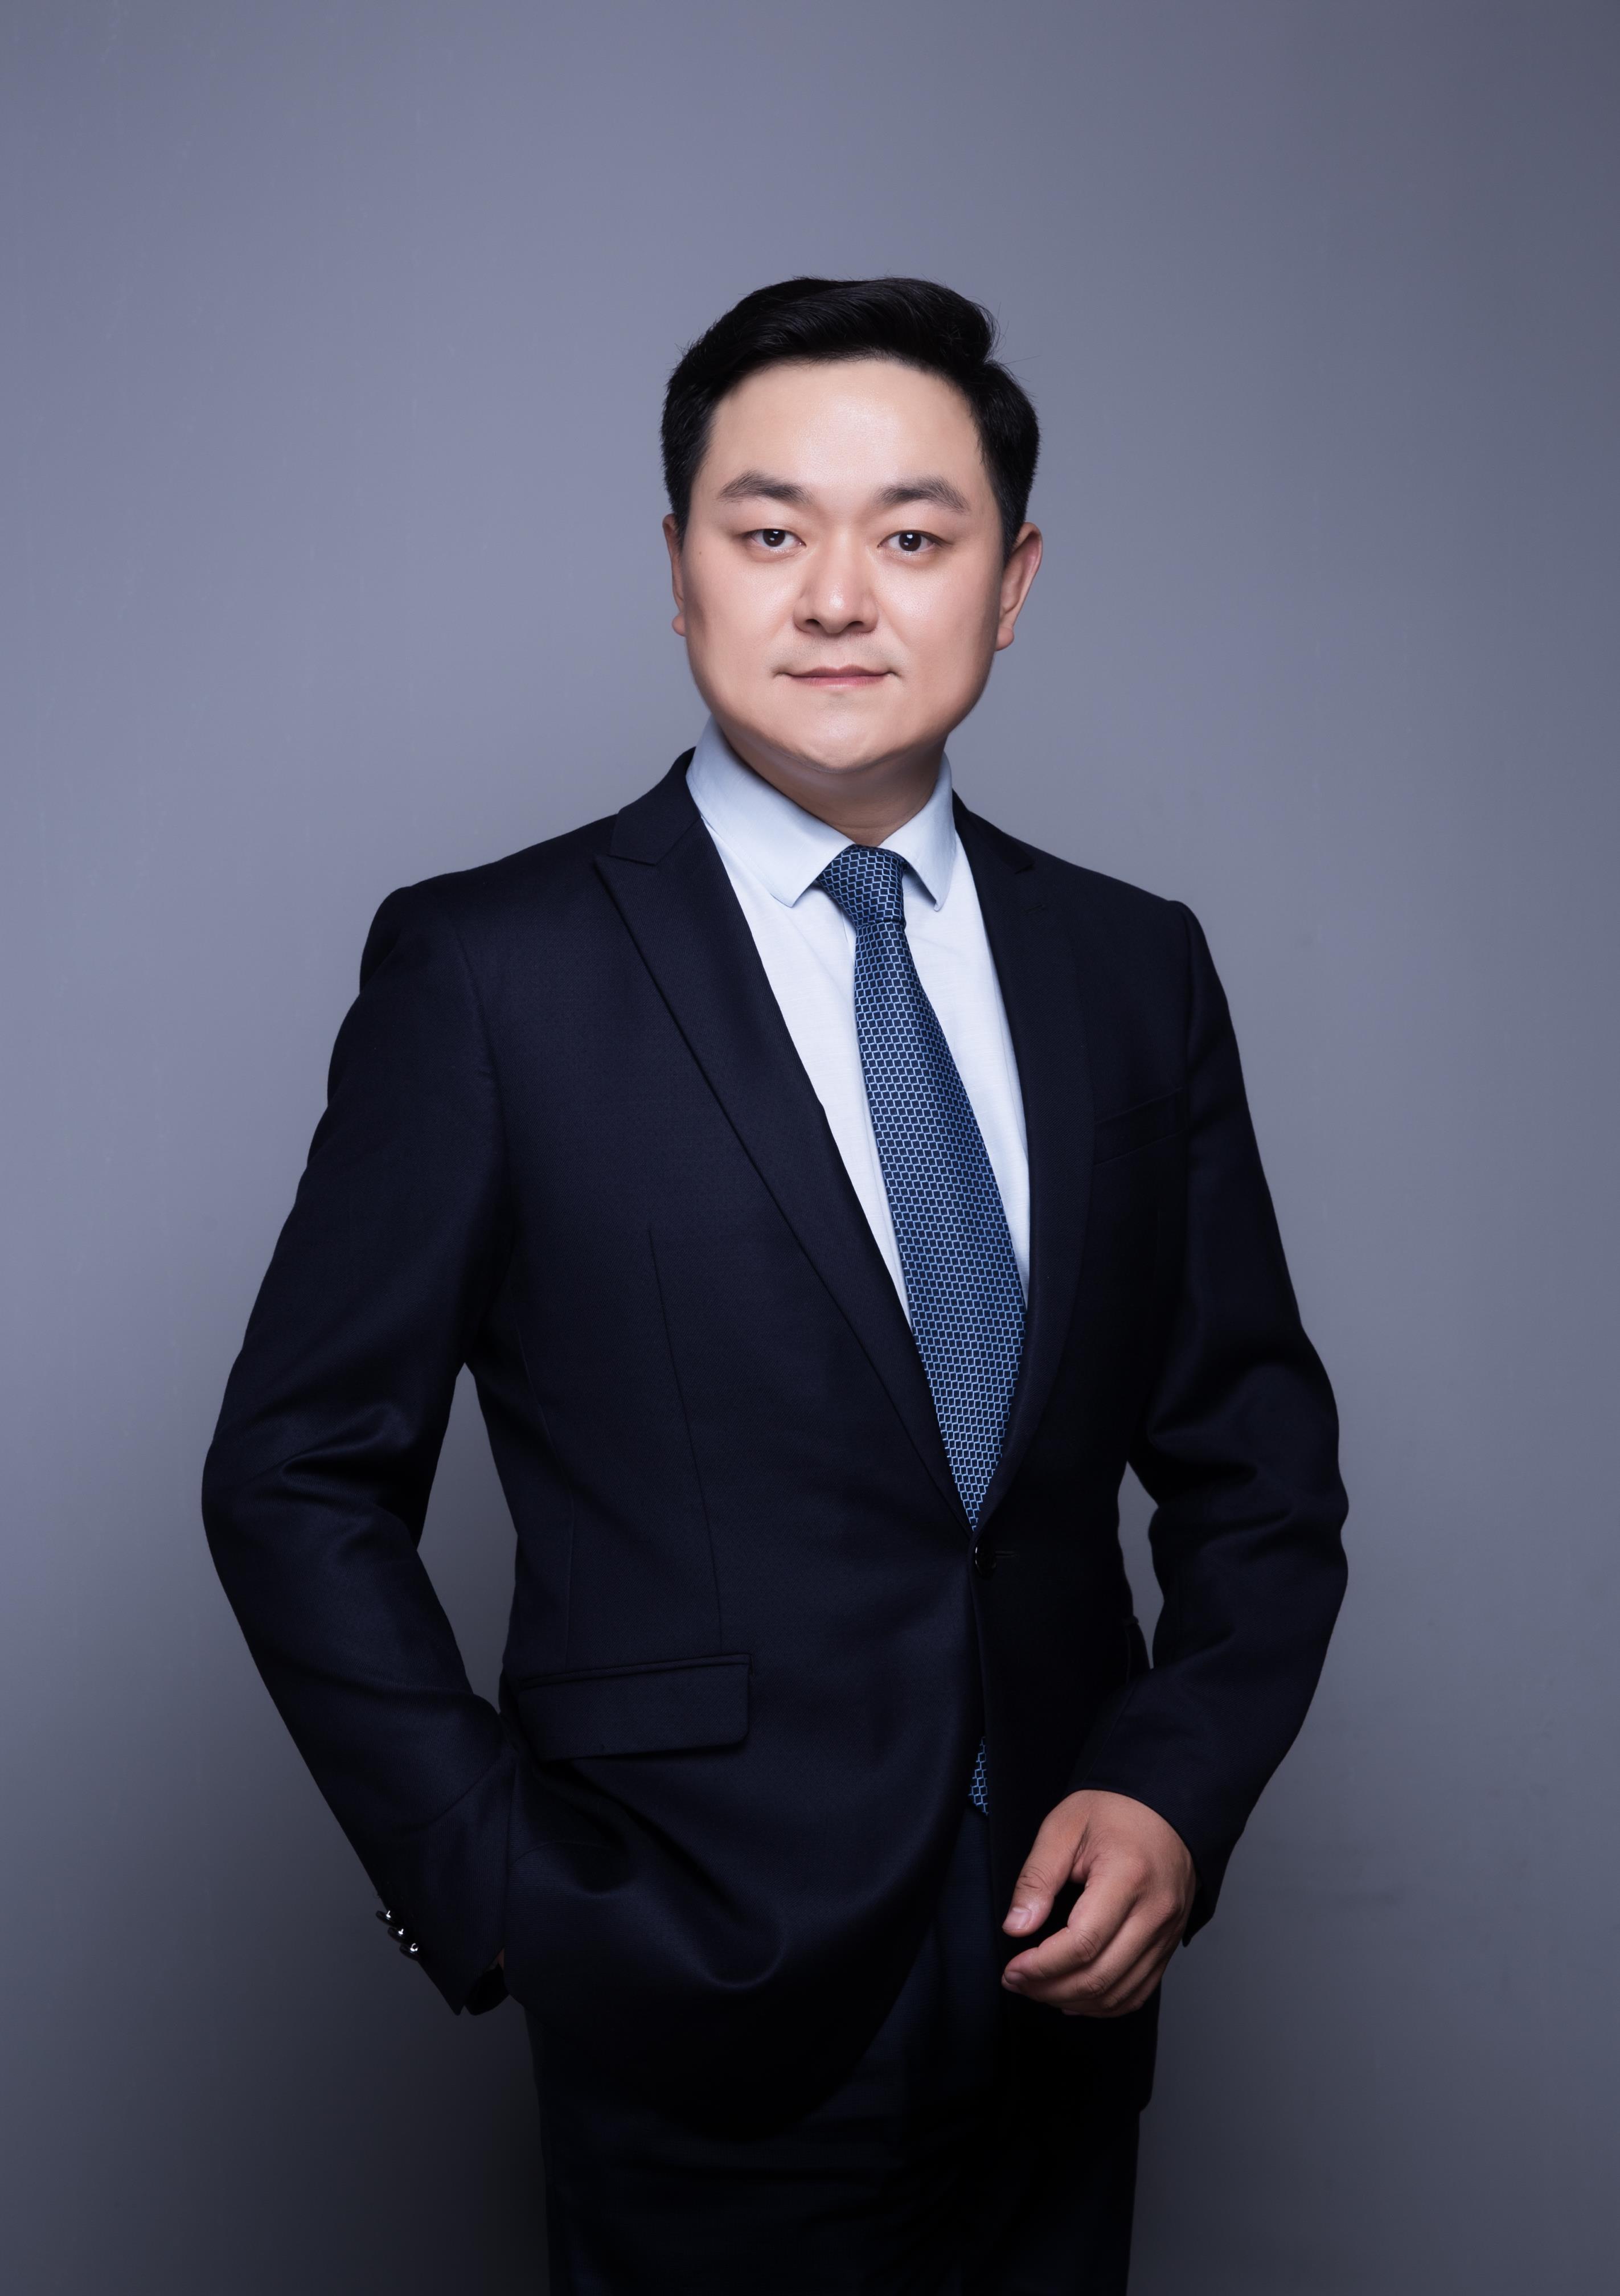 刘研必威体育官网入口